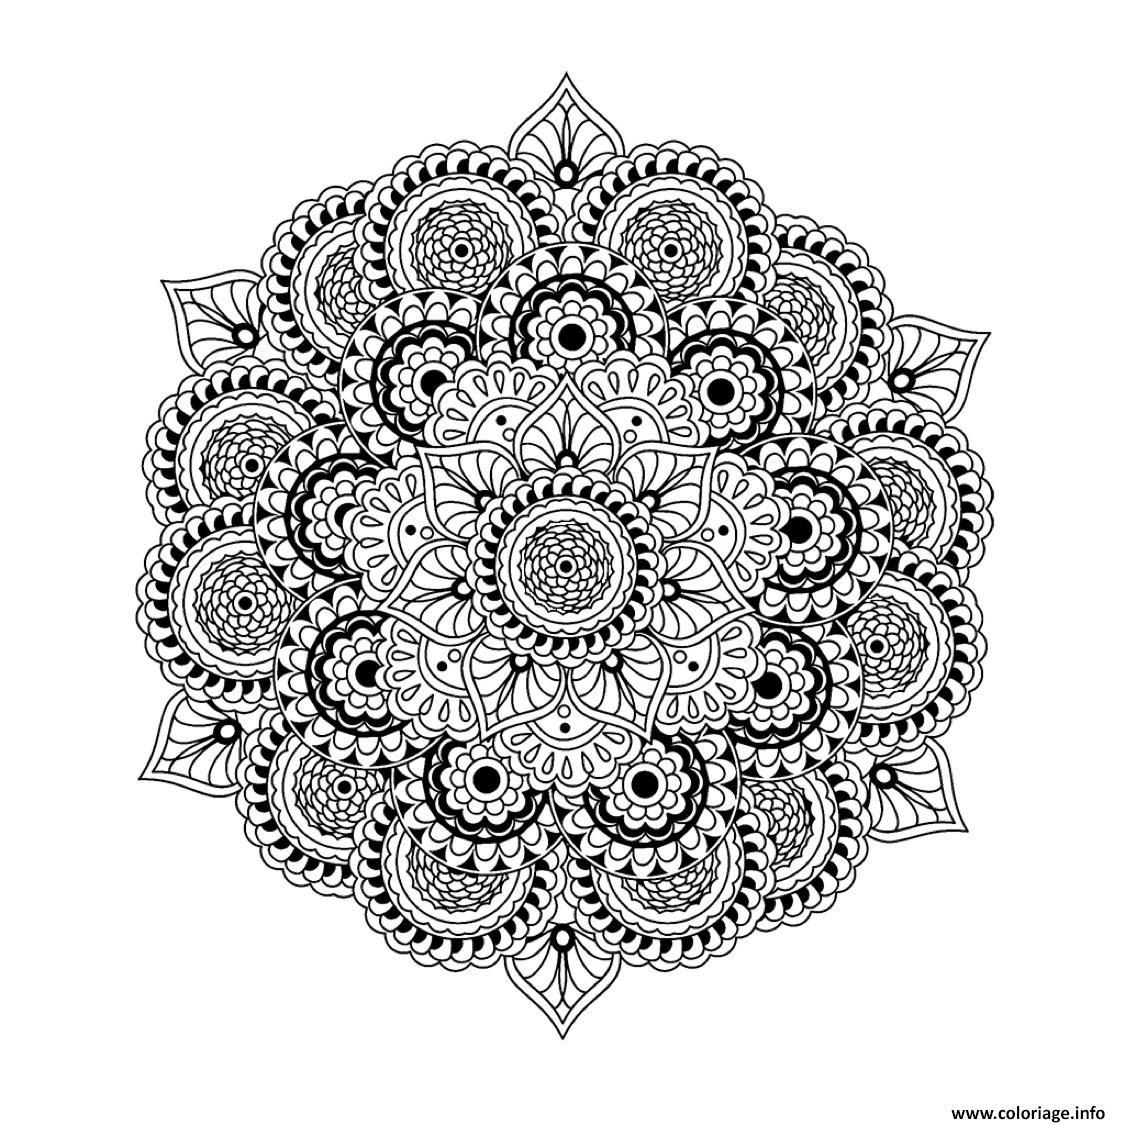 Coloriage Mandala À Imprimer Difficile | Coloriages À à Mandala À Imprimer Facile